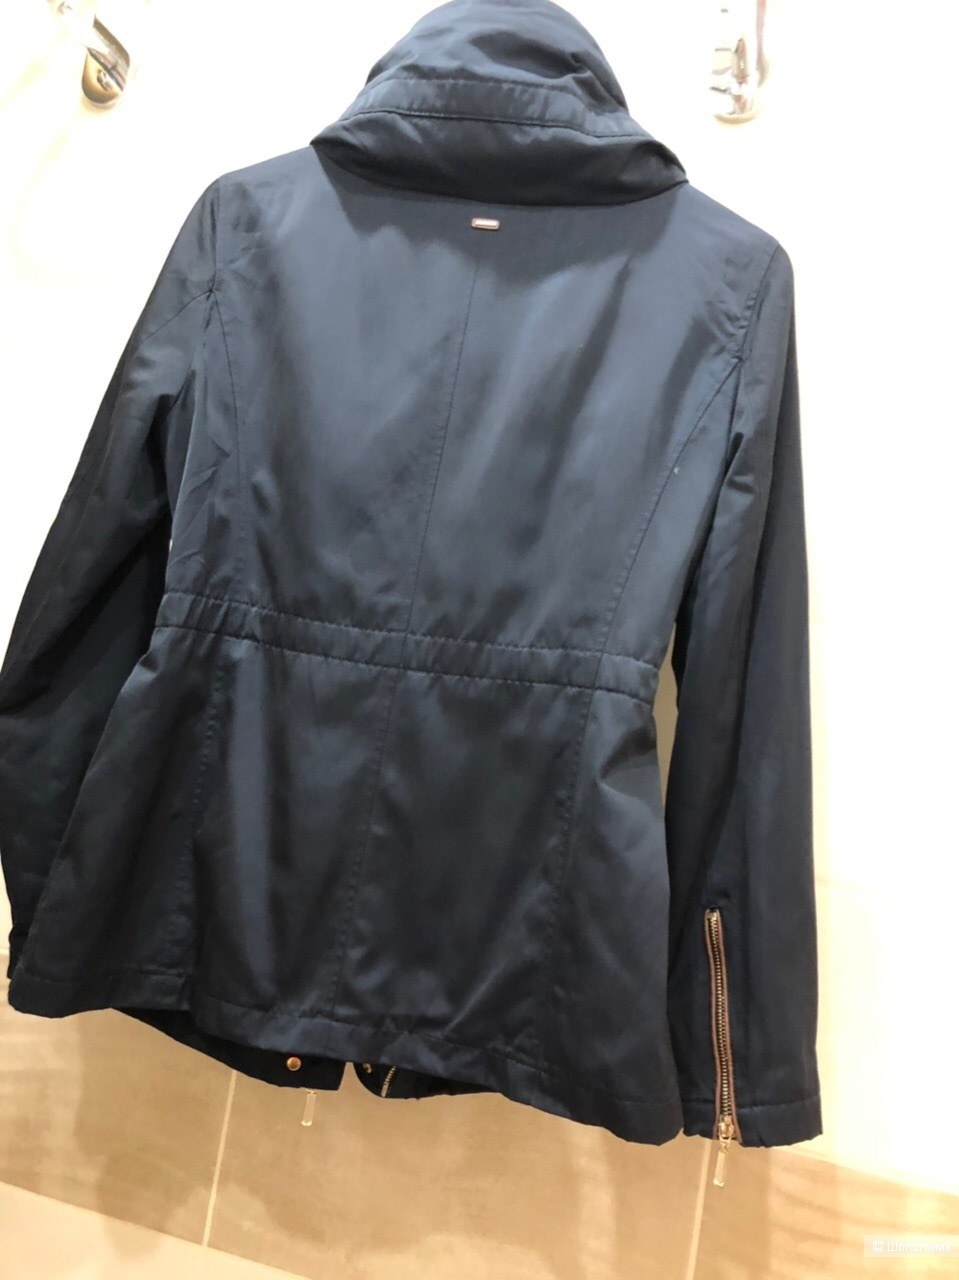 Куртка Esprit.Новая .Размер 44-46.